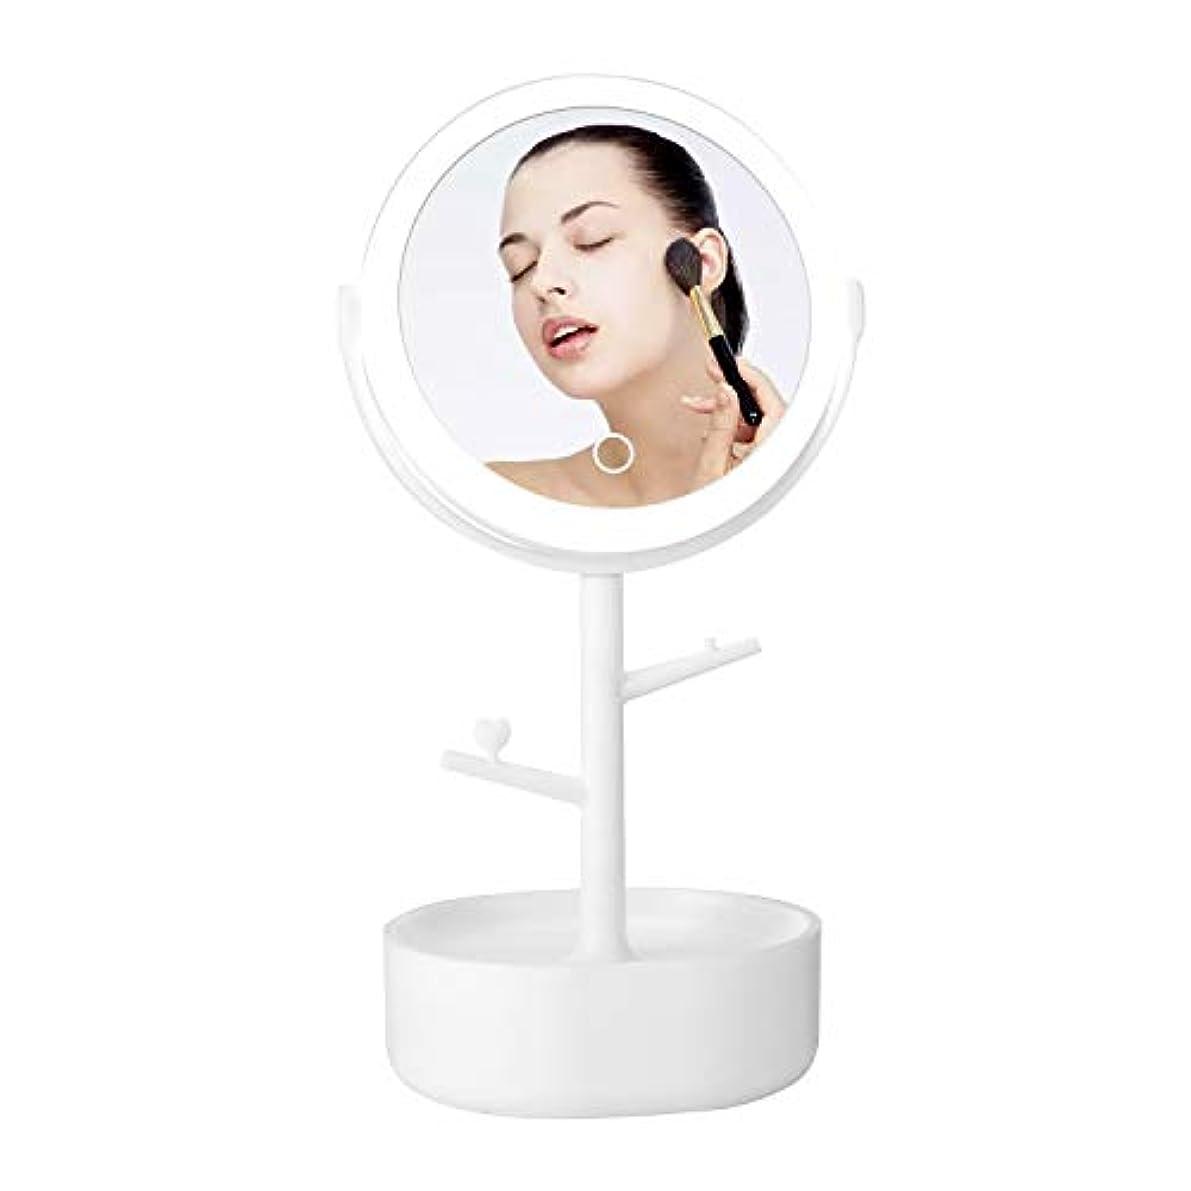 事故歩き回る塊LED化粧鏡 卓上ミラー 鏡 卓上鏡 収納ボックス付き 360度回転 充電式 サードギア明るさ調節可 USB給電(白)